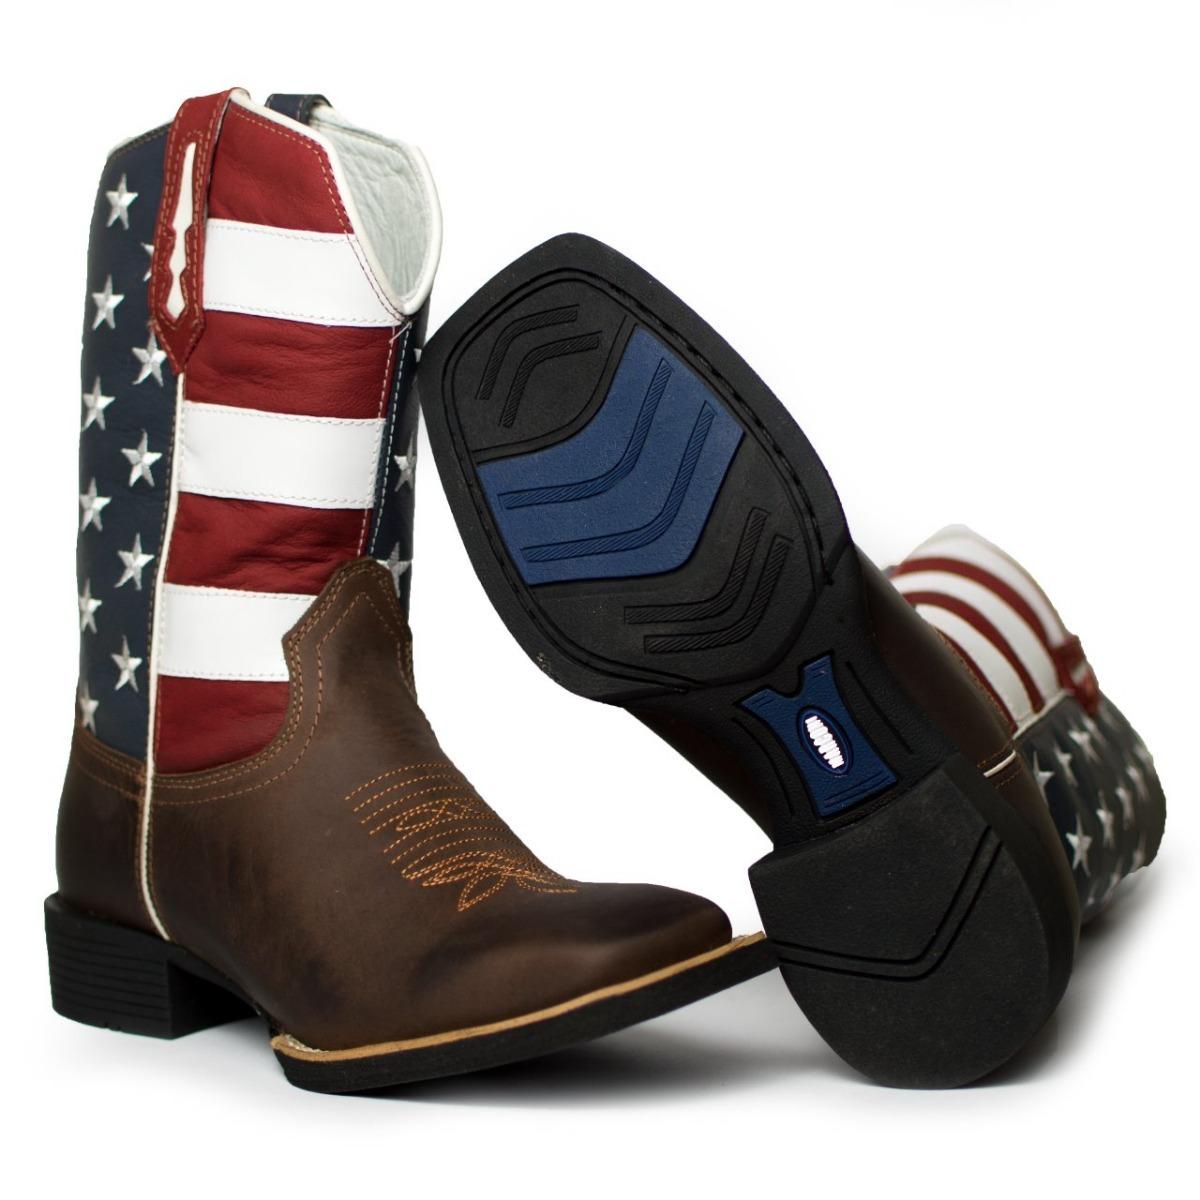 84e0ce33d7 bota country masculina bico quadrado texana couro marrom. Carregando zoom.